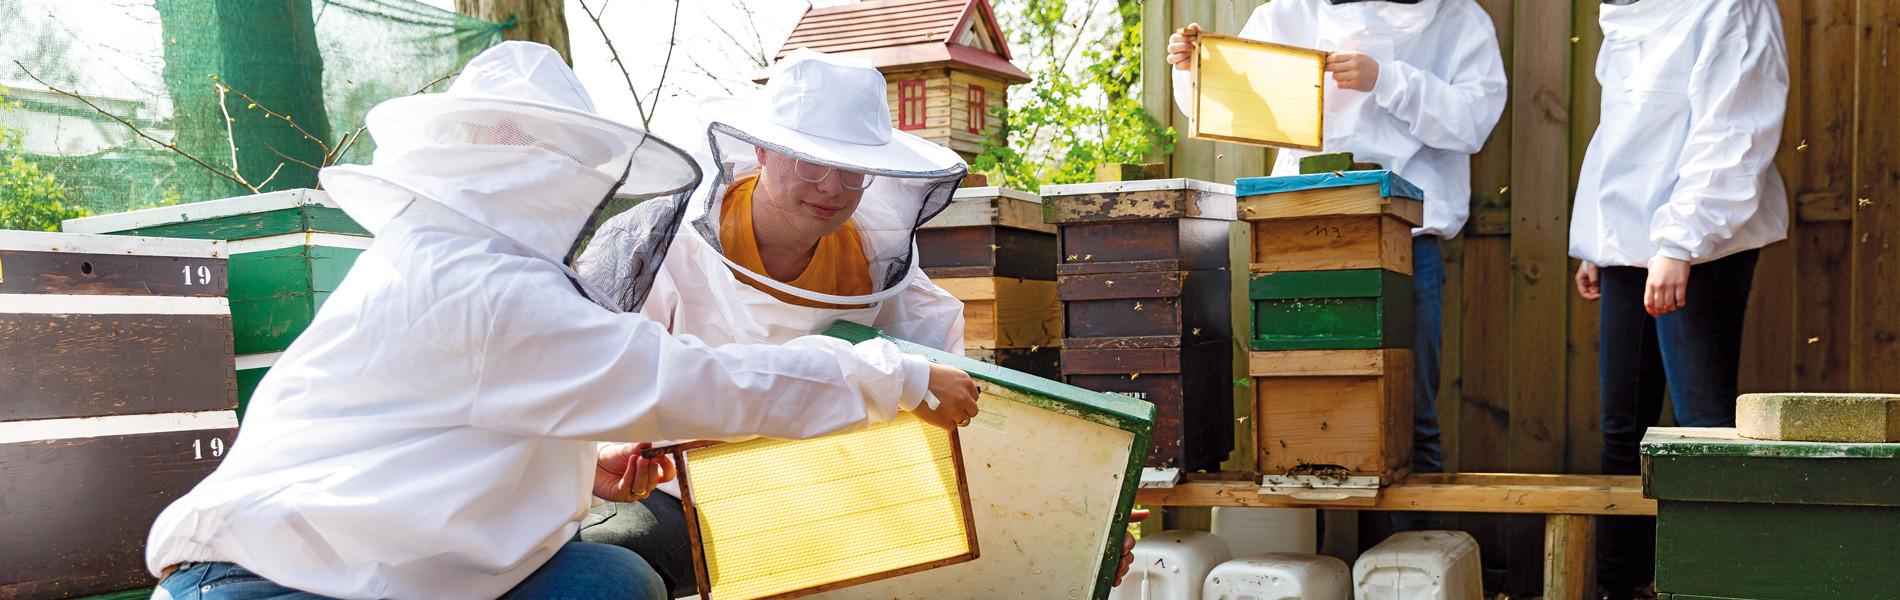 Studenten Toegepaste biologie doen bijen onderzoek Aeres MBO Ede